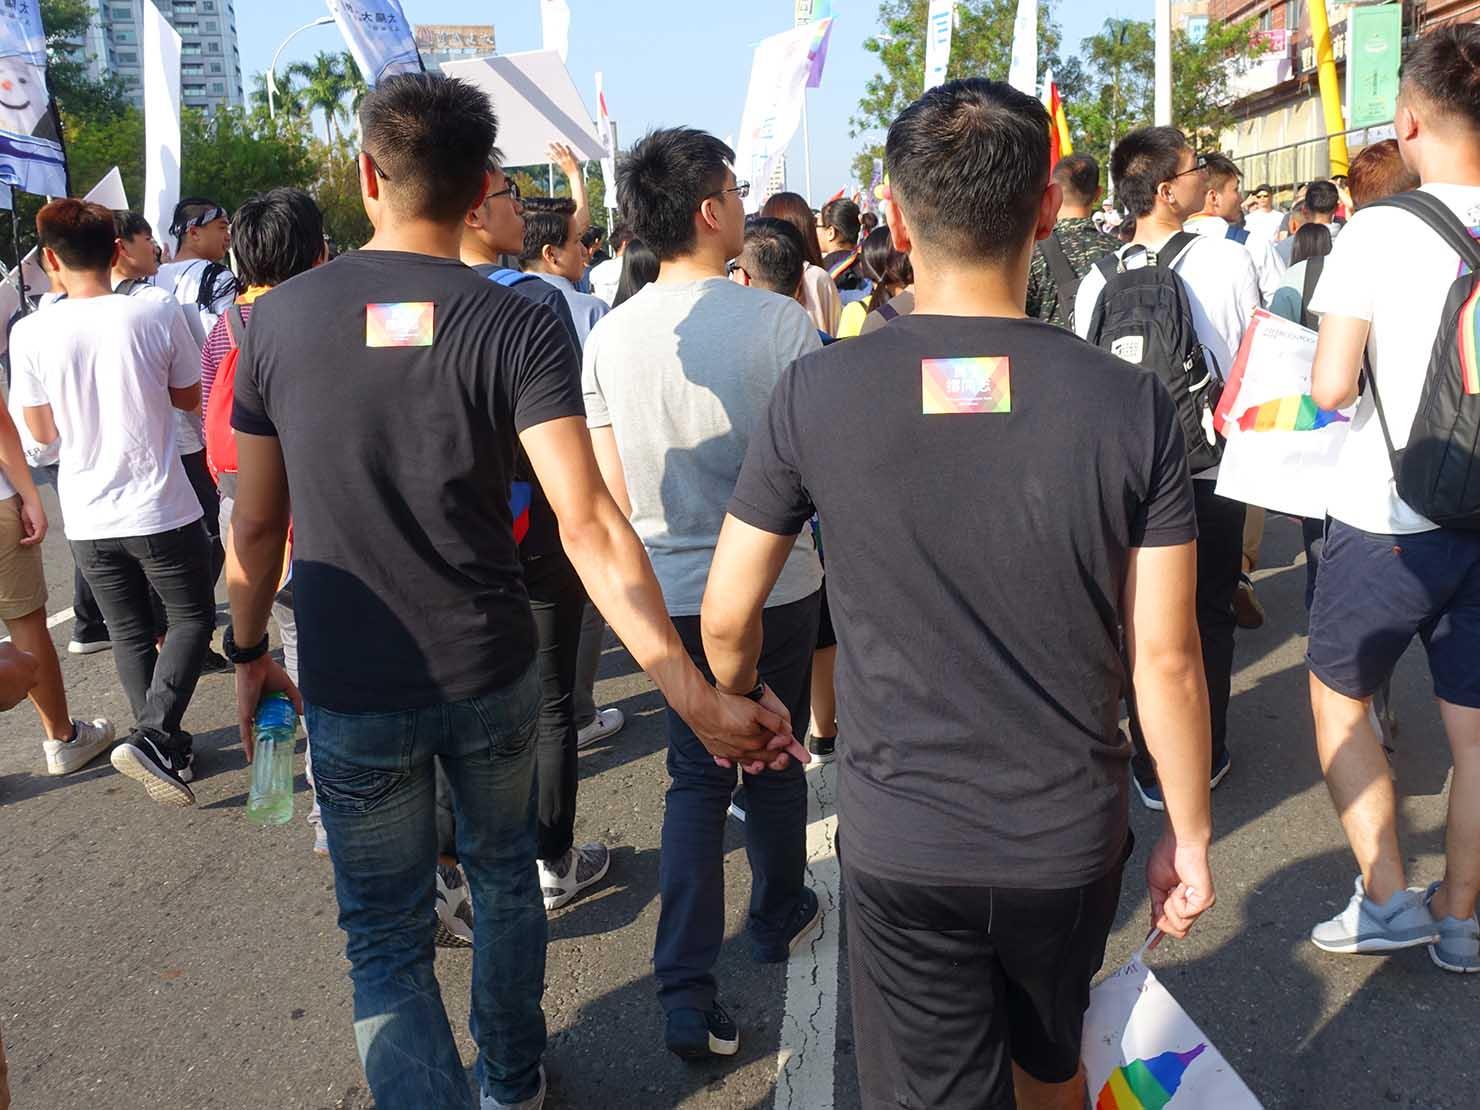 高雄同志大遊行(高雄レインボーパレード)2017で手を引いて歩くゲイカップル